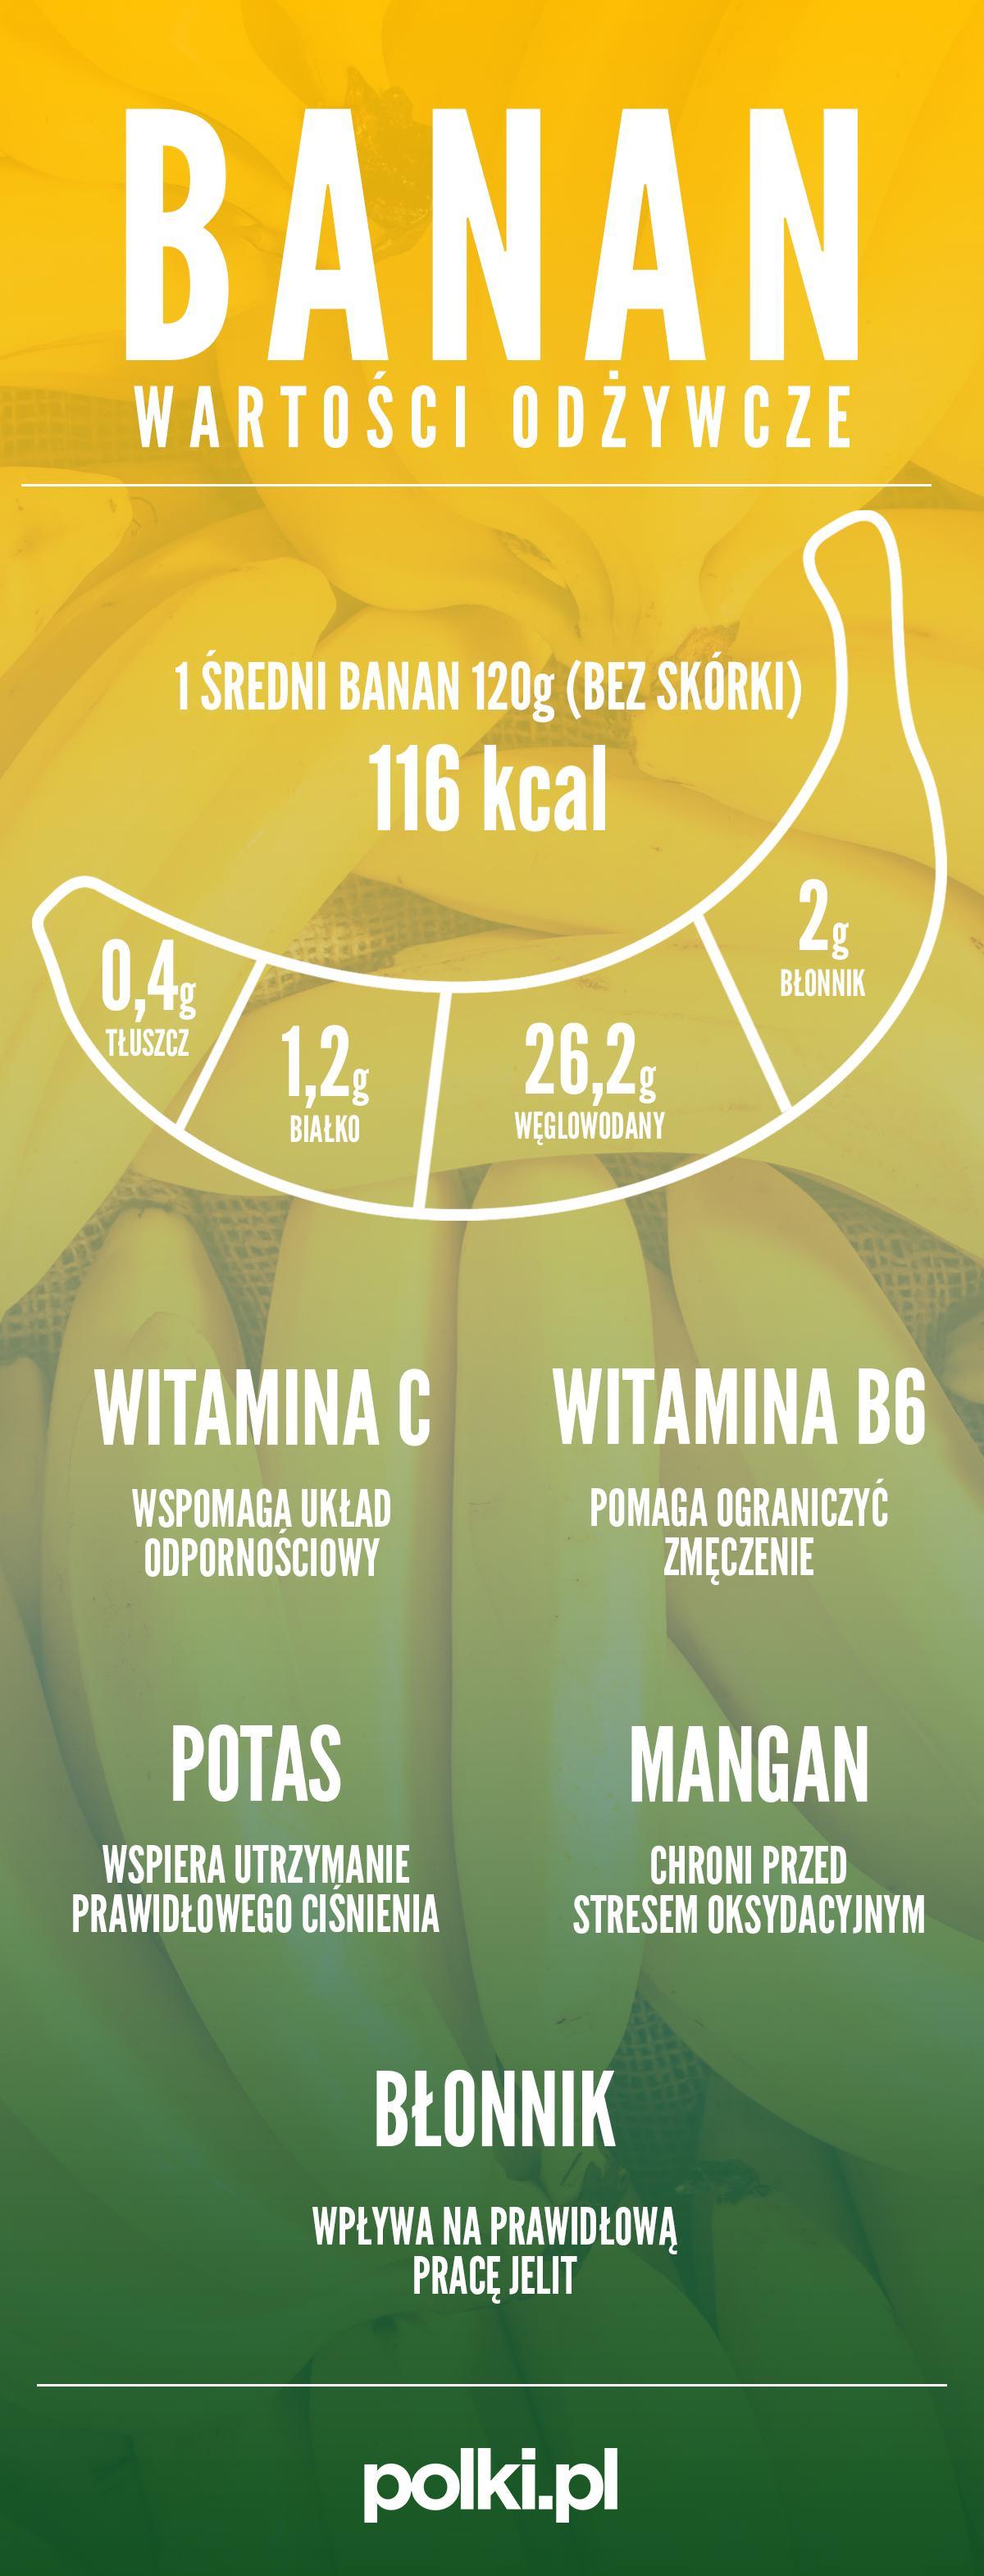 Banan - właściwości zdrowotne - infografika